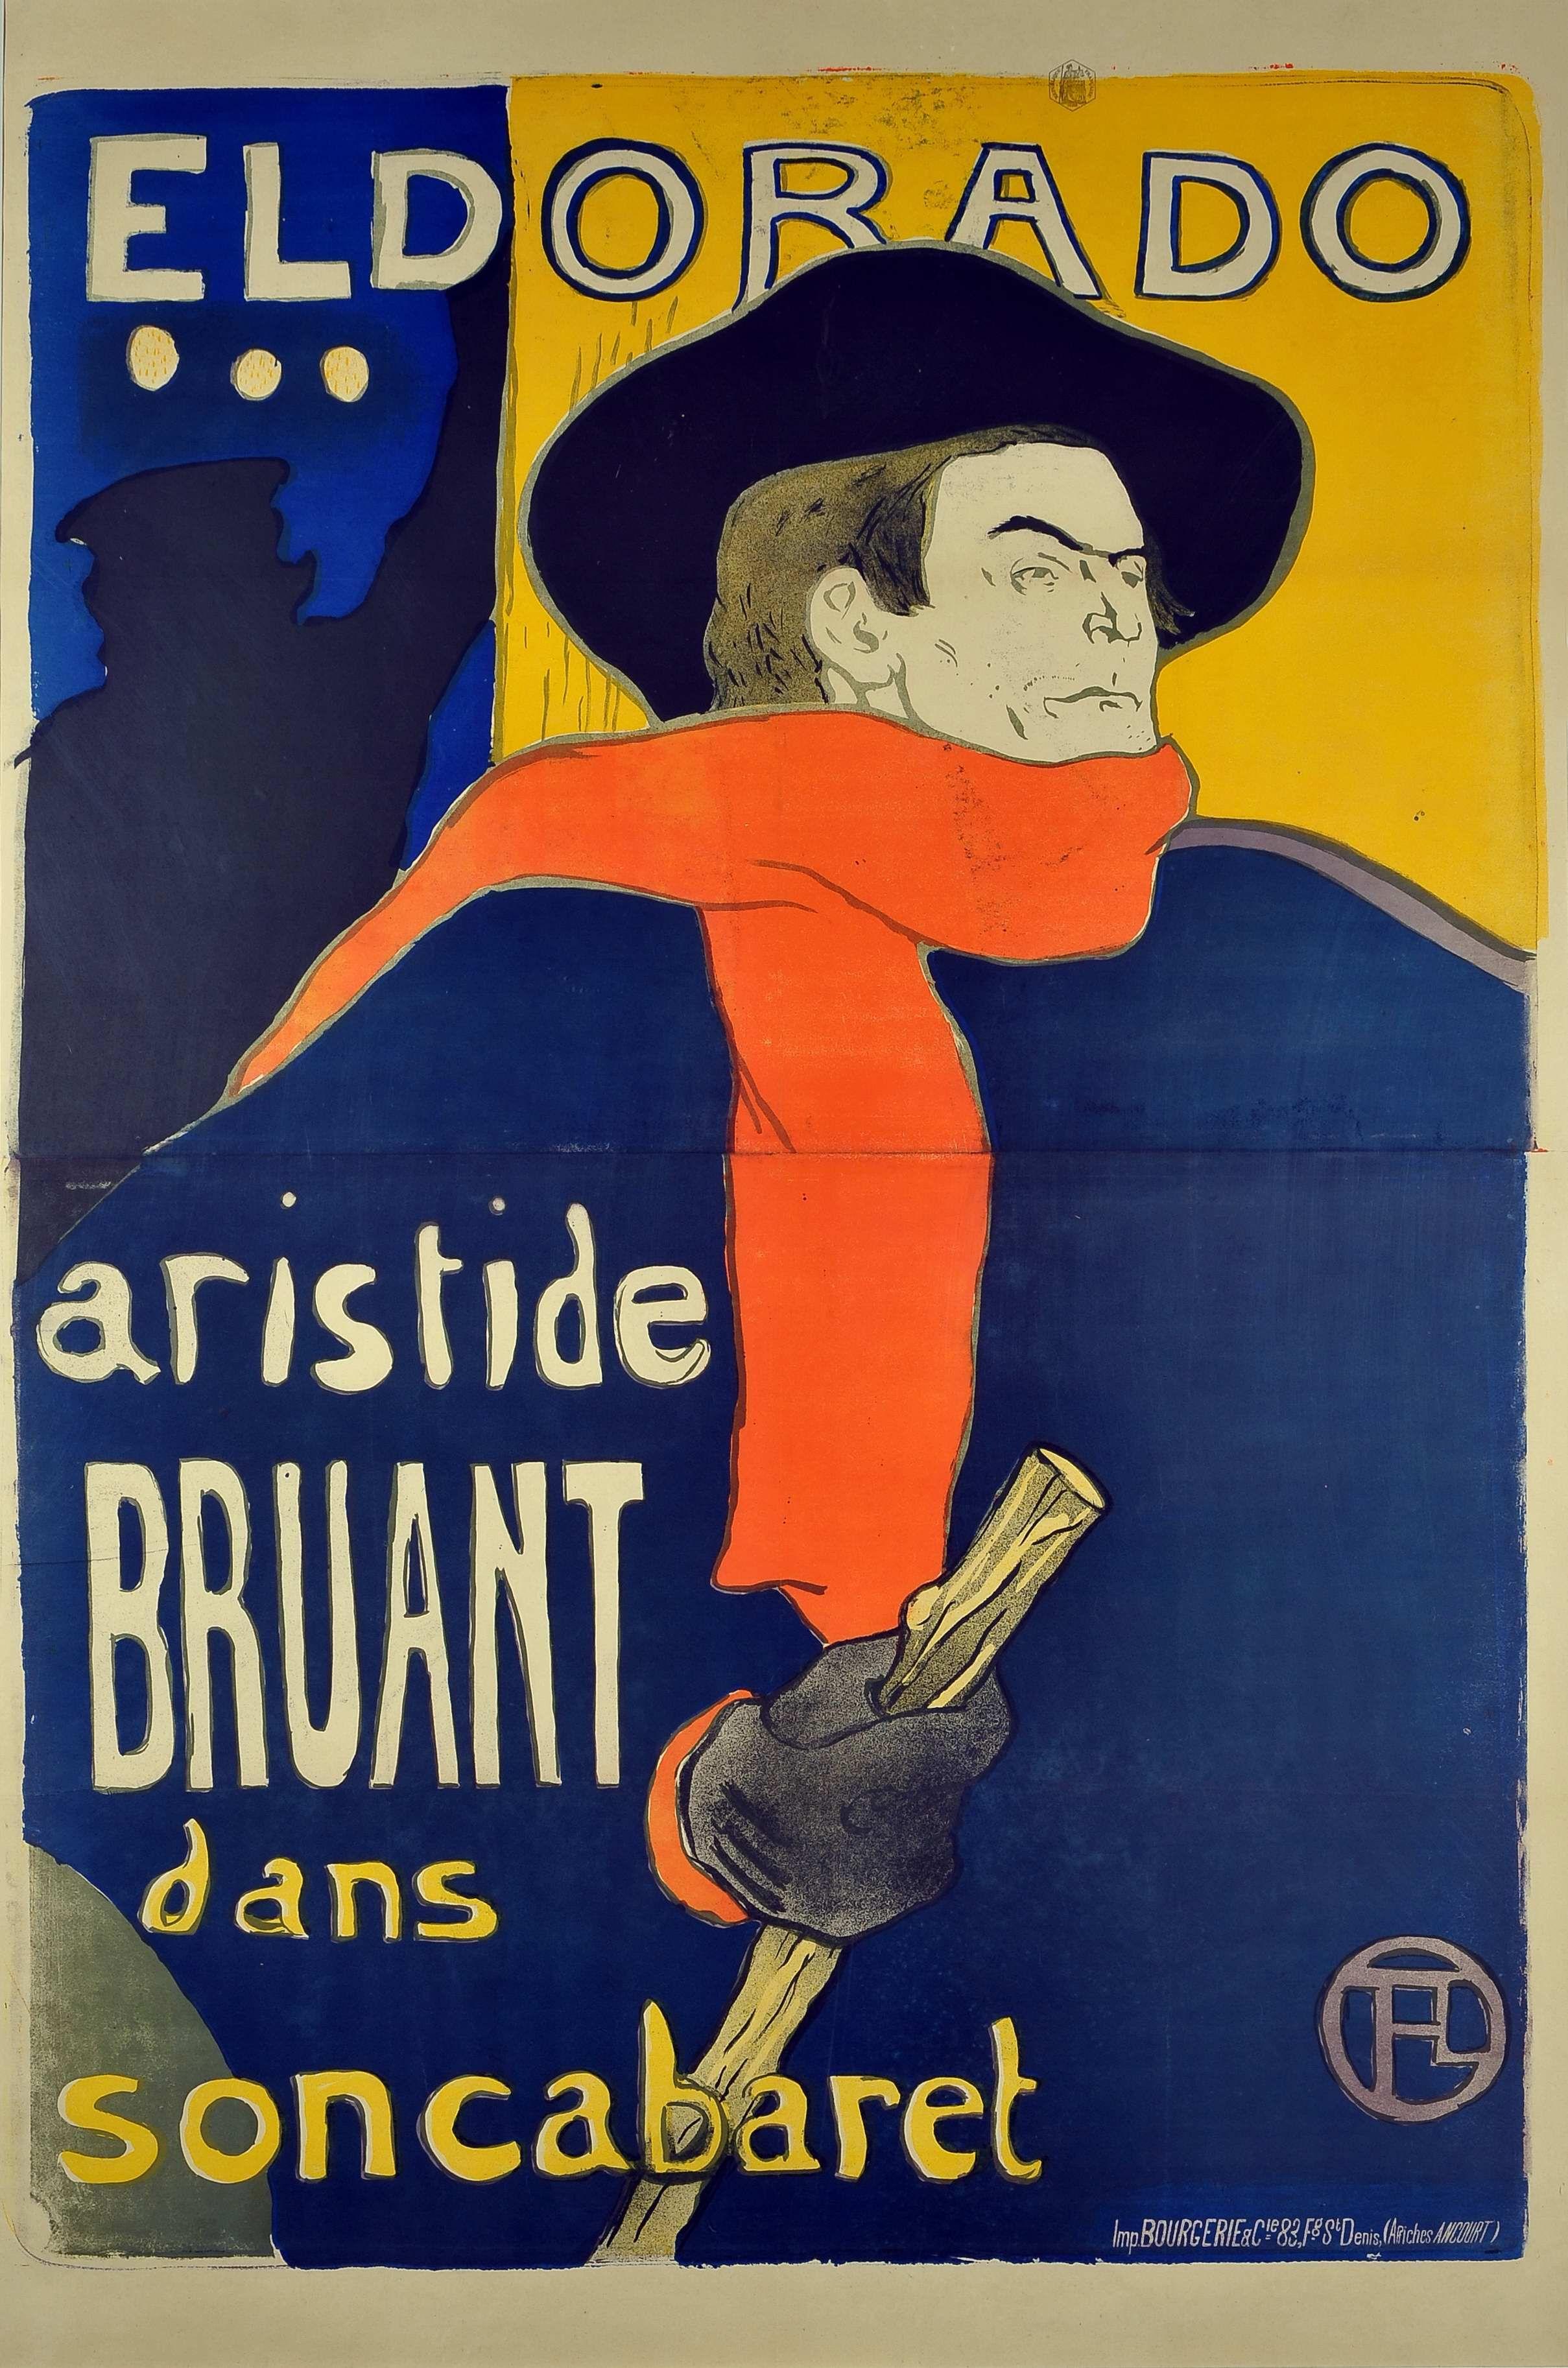 Henri Toulouse-Lautrec, Eldorado... Aristide Bruant dans son Cabaret, 1892,  Color Lithograph